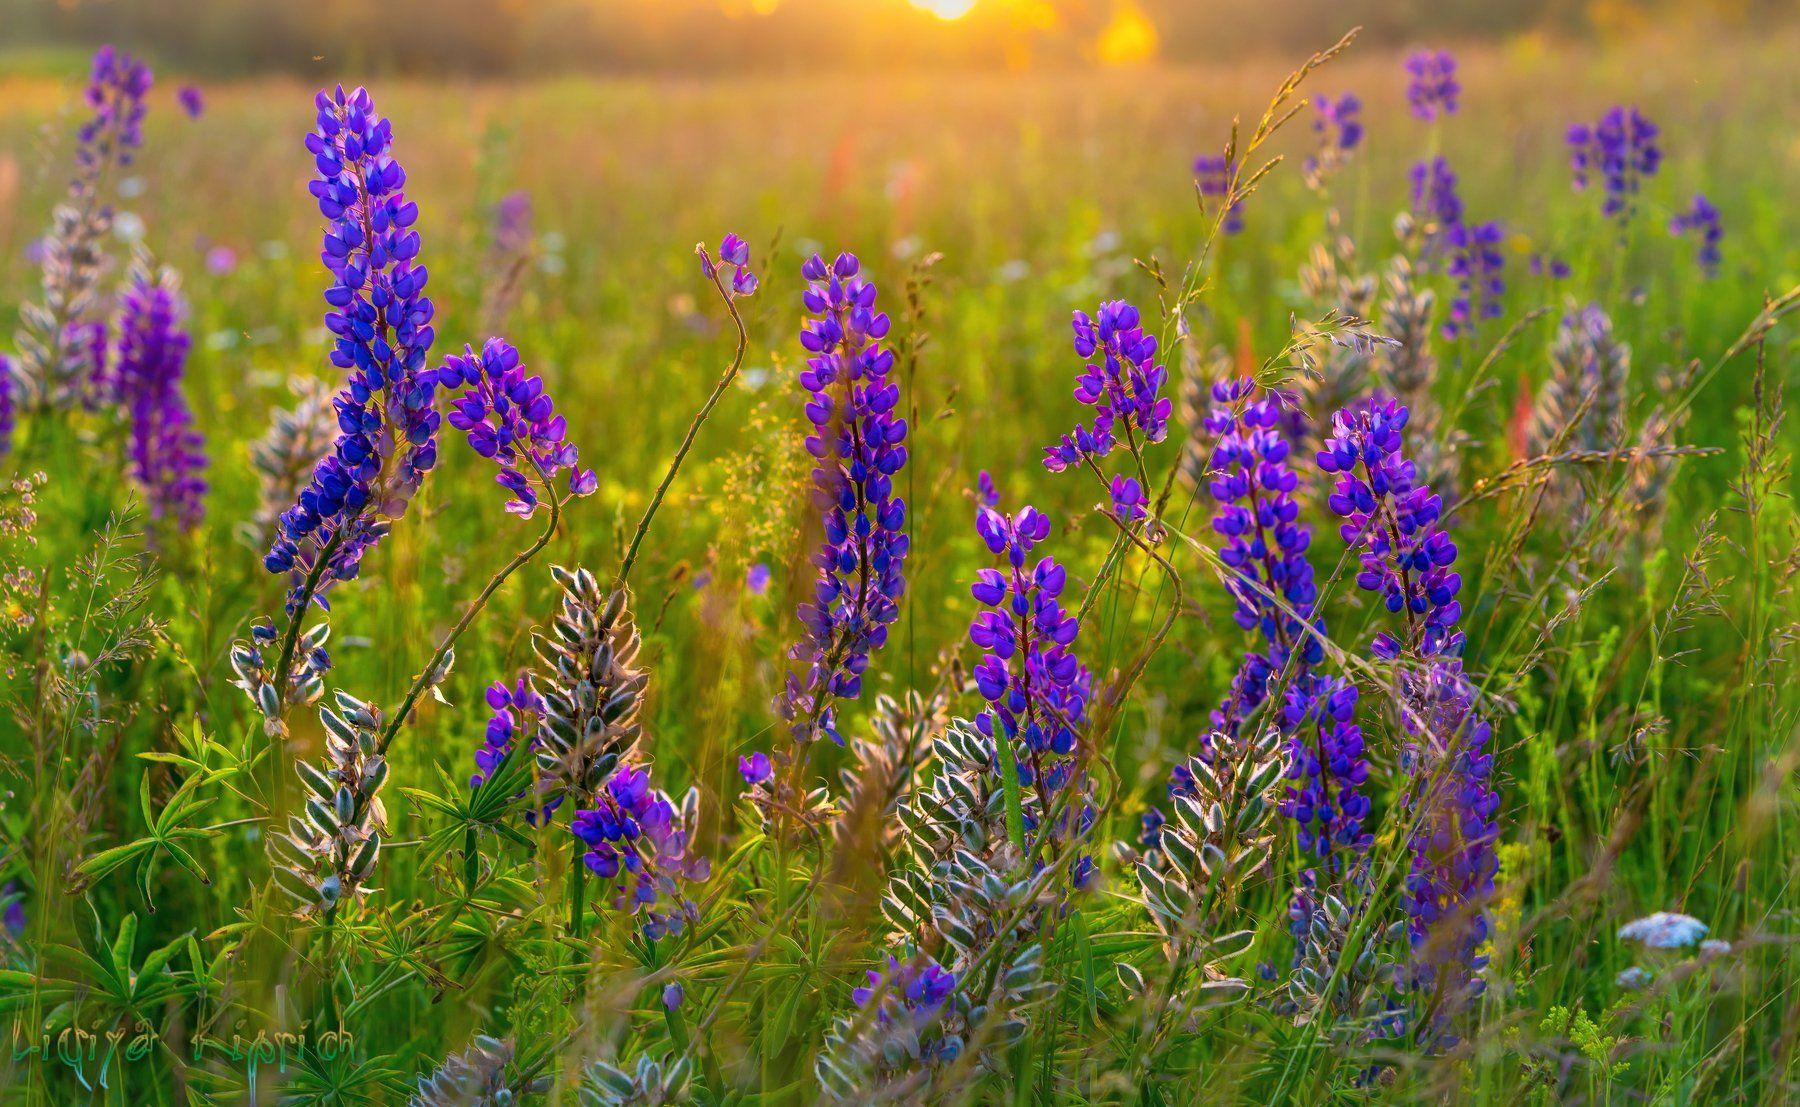 природа, лето, закат, вечерний свет, люпин, цветы, Лидия Киприч